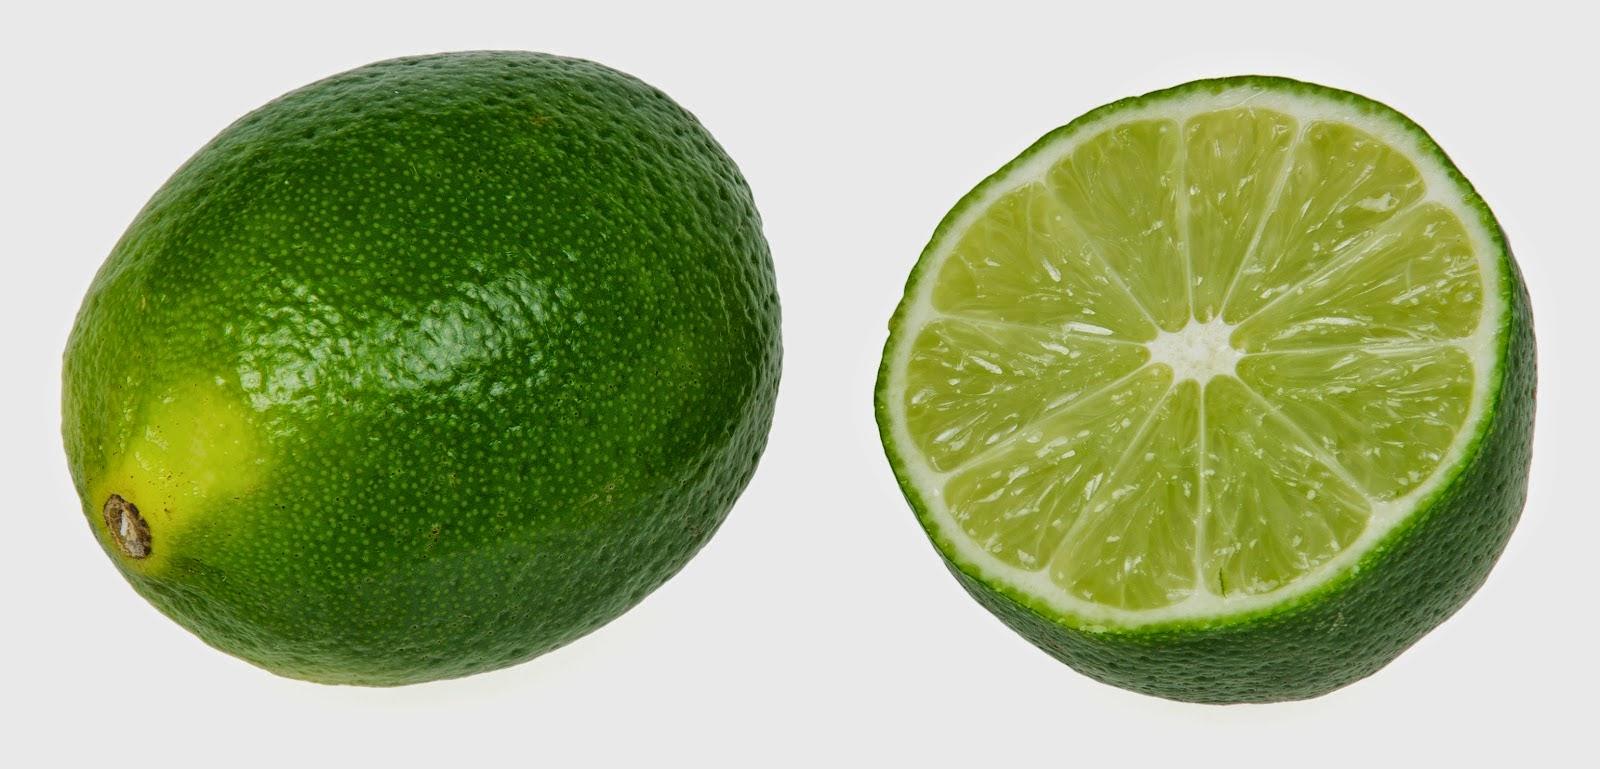 manfaat jeruk nipis untuk penyembuhab penyakit